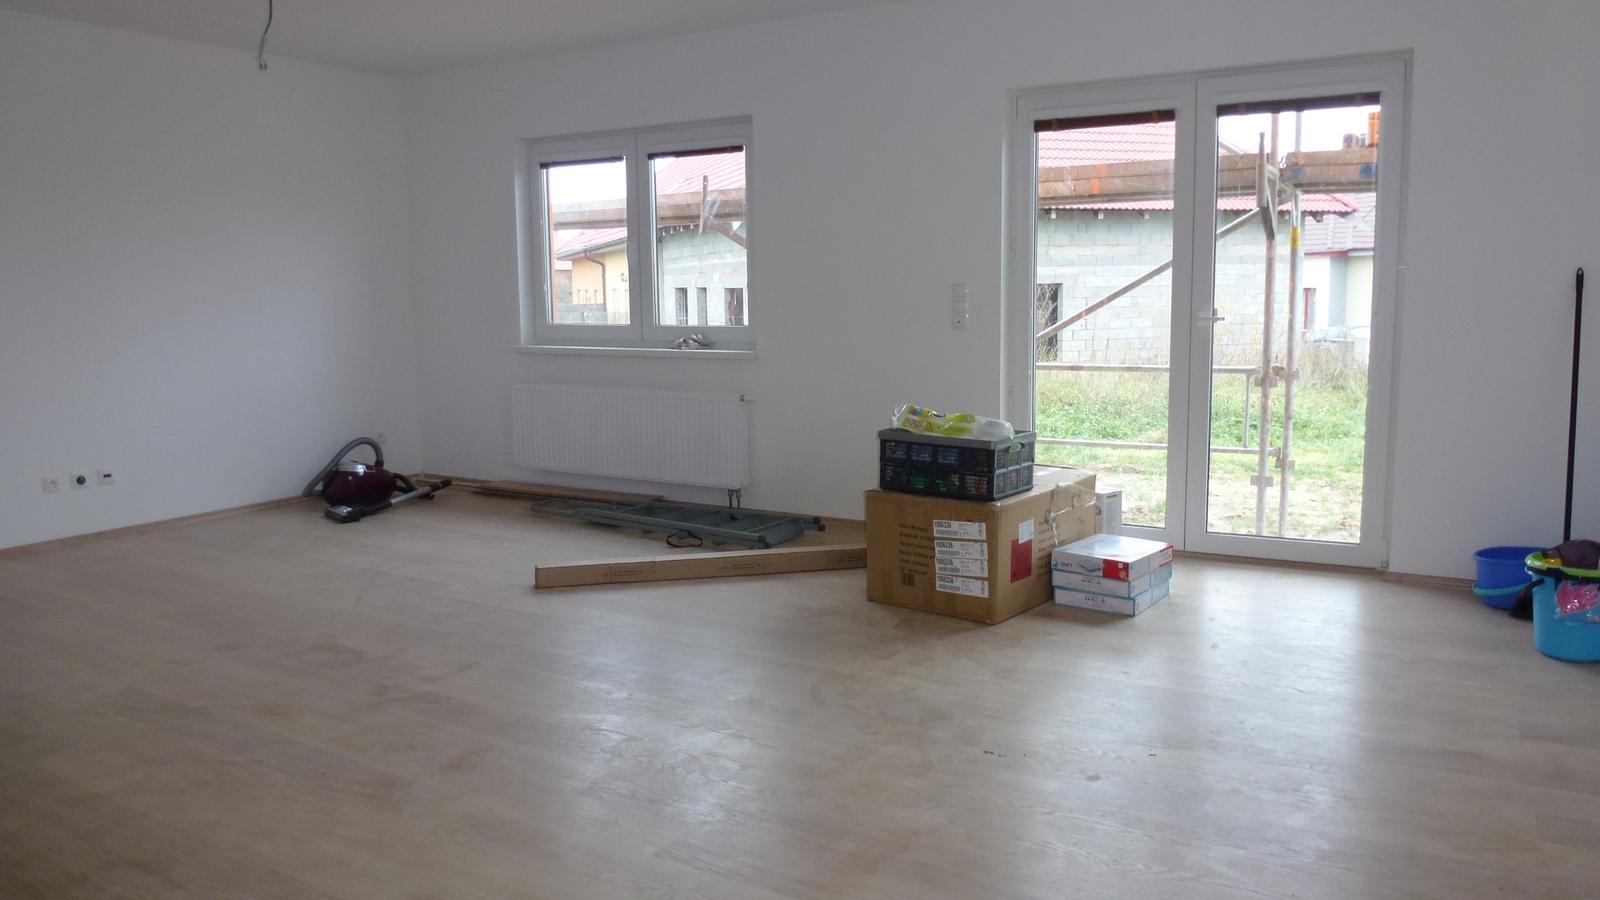 Nova 101 - stavíme - 23. den předání hotového domu (obývák)